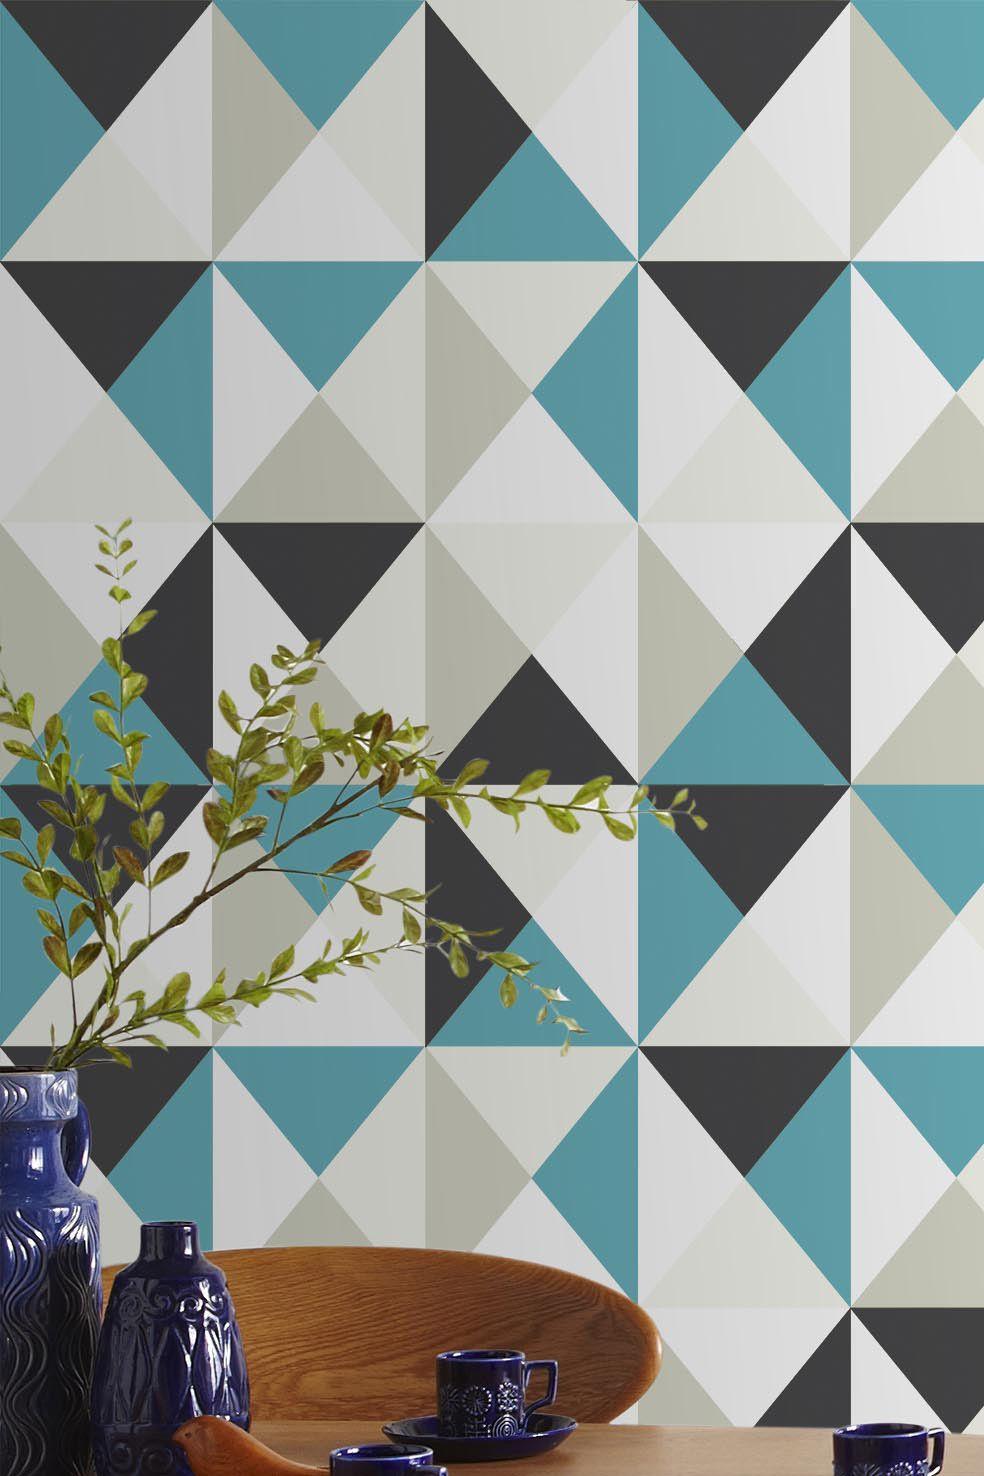 papier peint polygone multicouleur de leroy merlin papier peint peinture pinterest. Black Bedroom Furniture Sets. Home Design Ideas